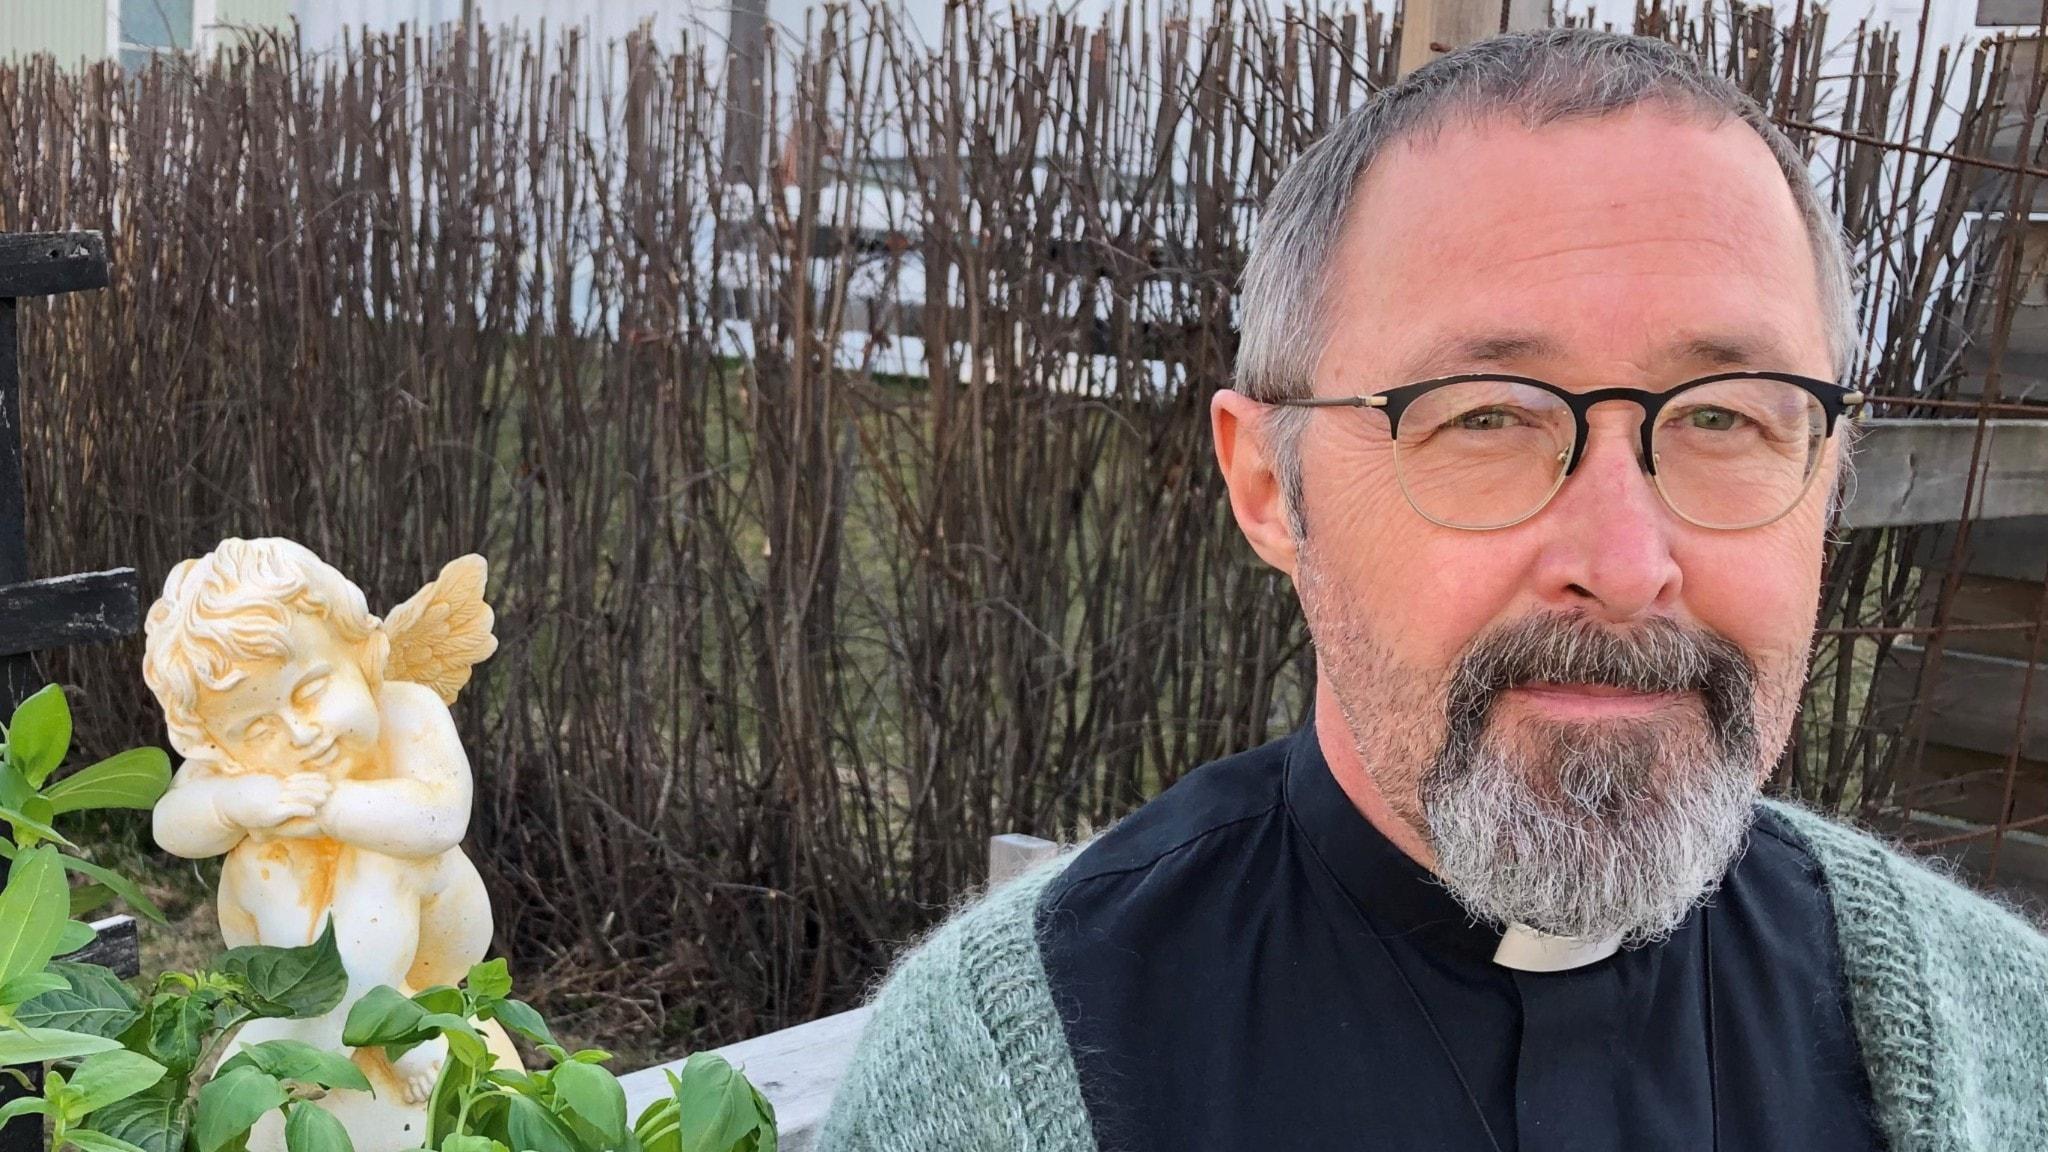 Lars Segerstedt i prästkrage och en gröngrå kofta. Han bär hornbågade glasögon och är gråsprängd i skägget.